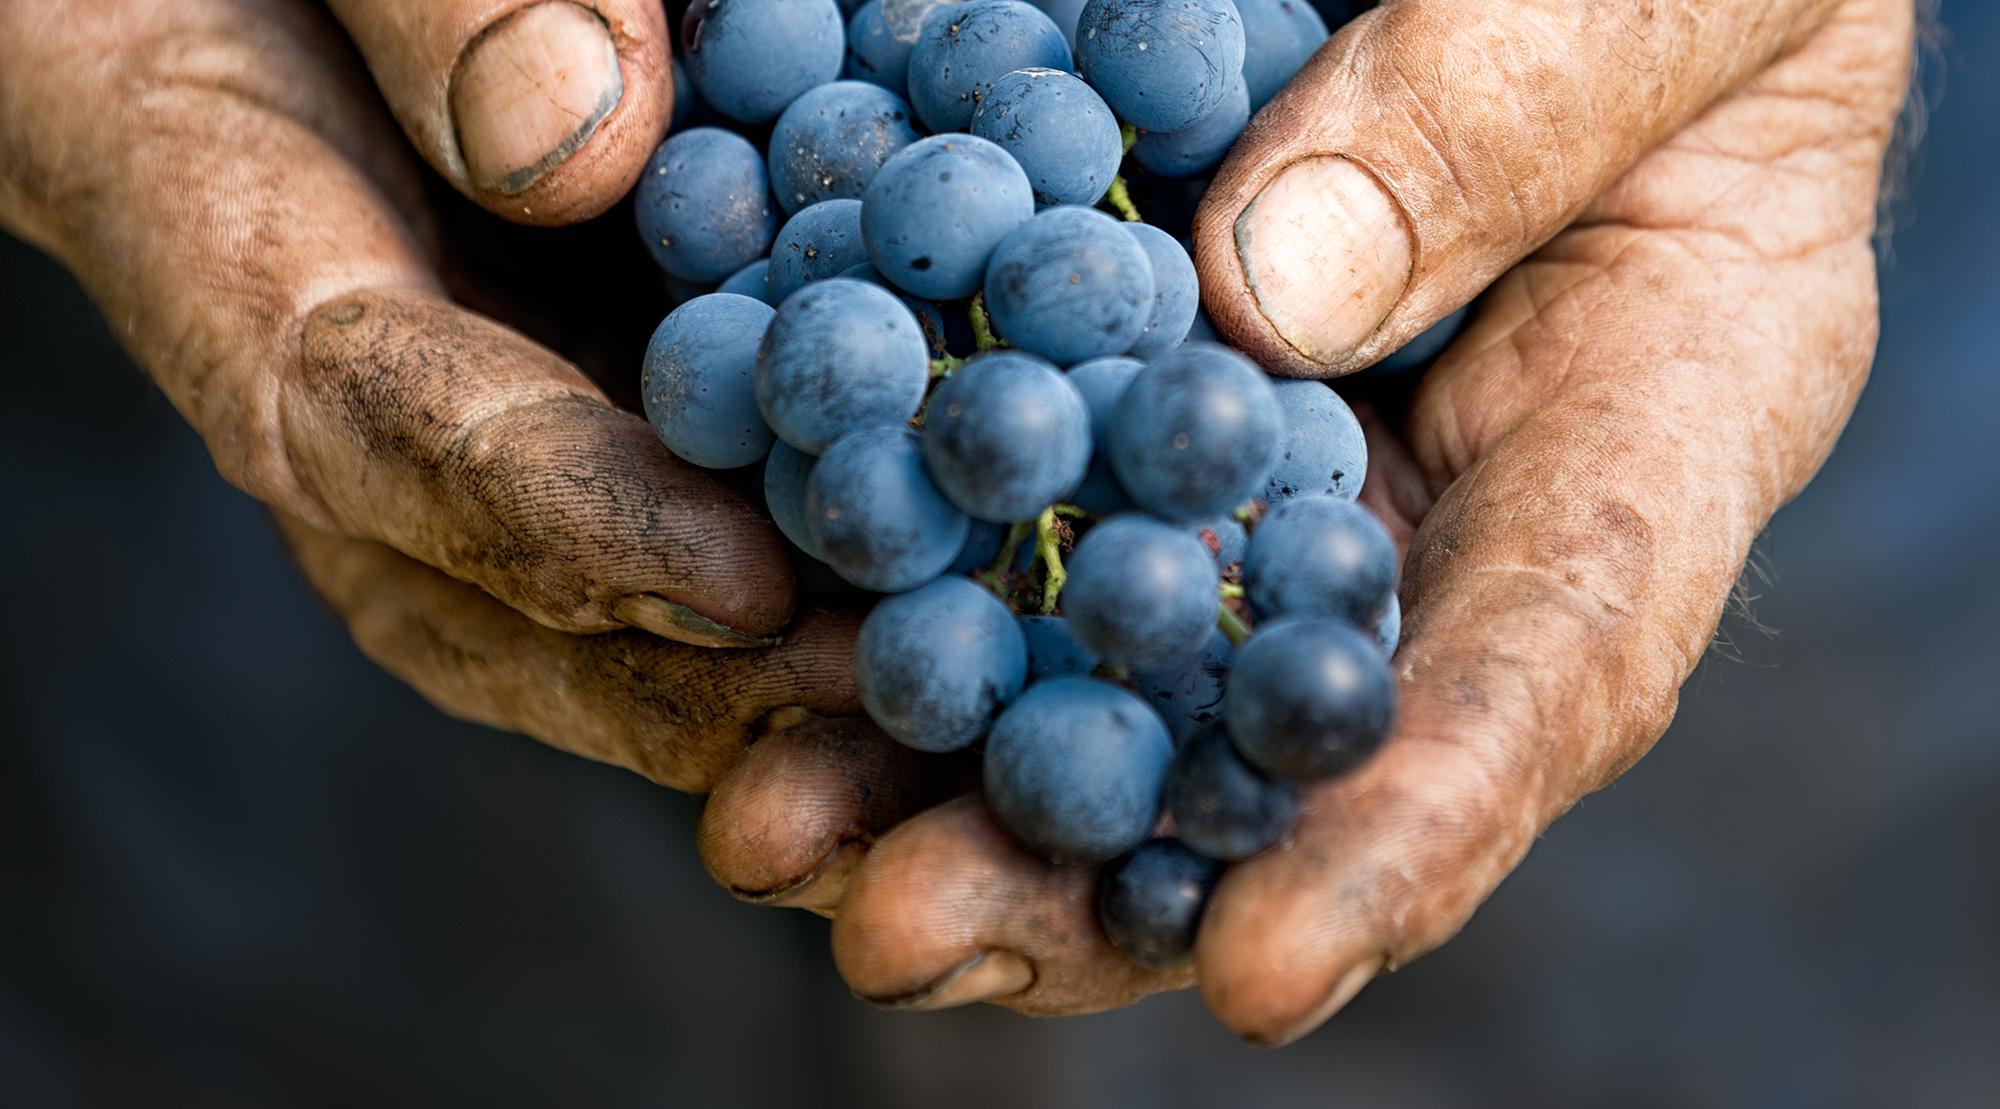 Yakima Valley Organic Vineyards